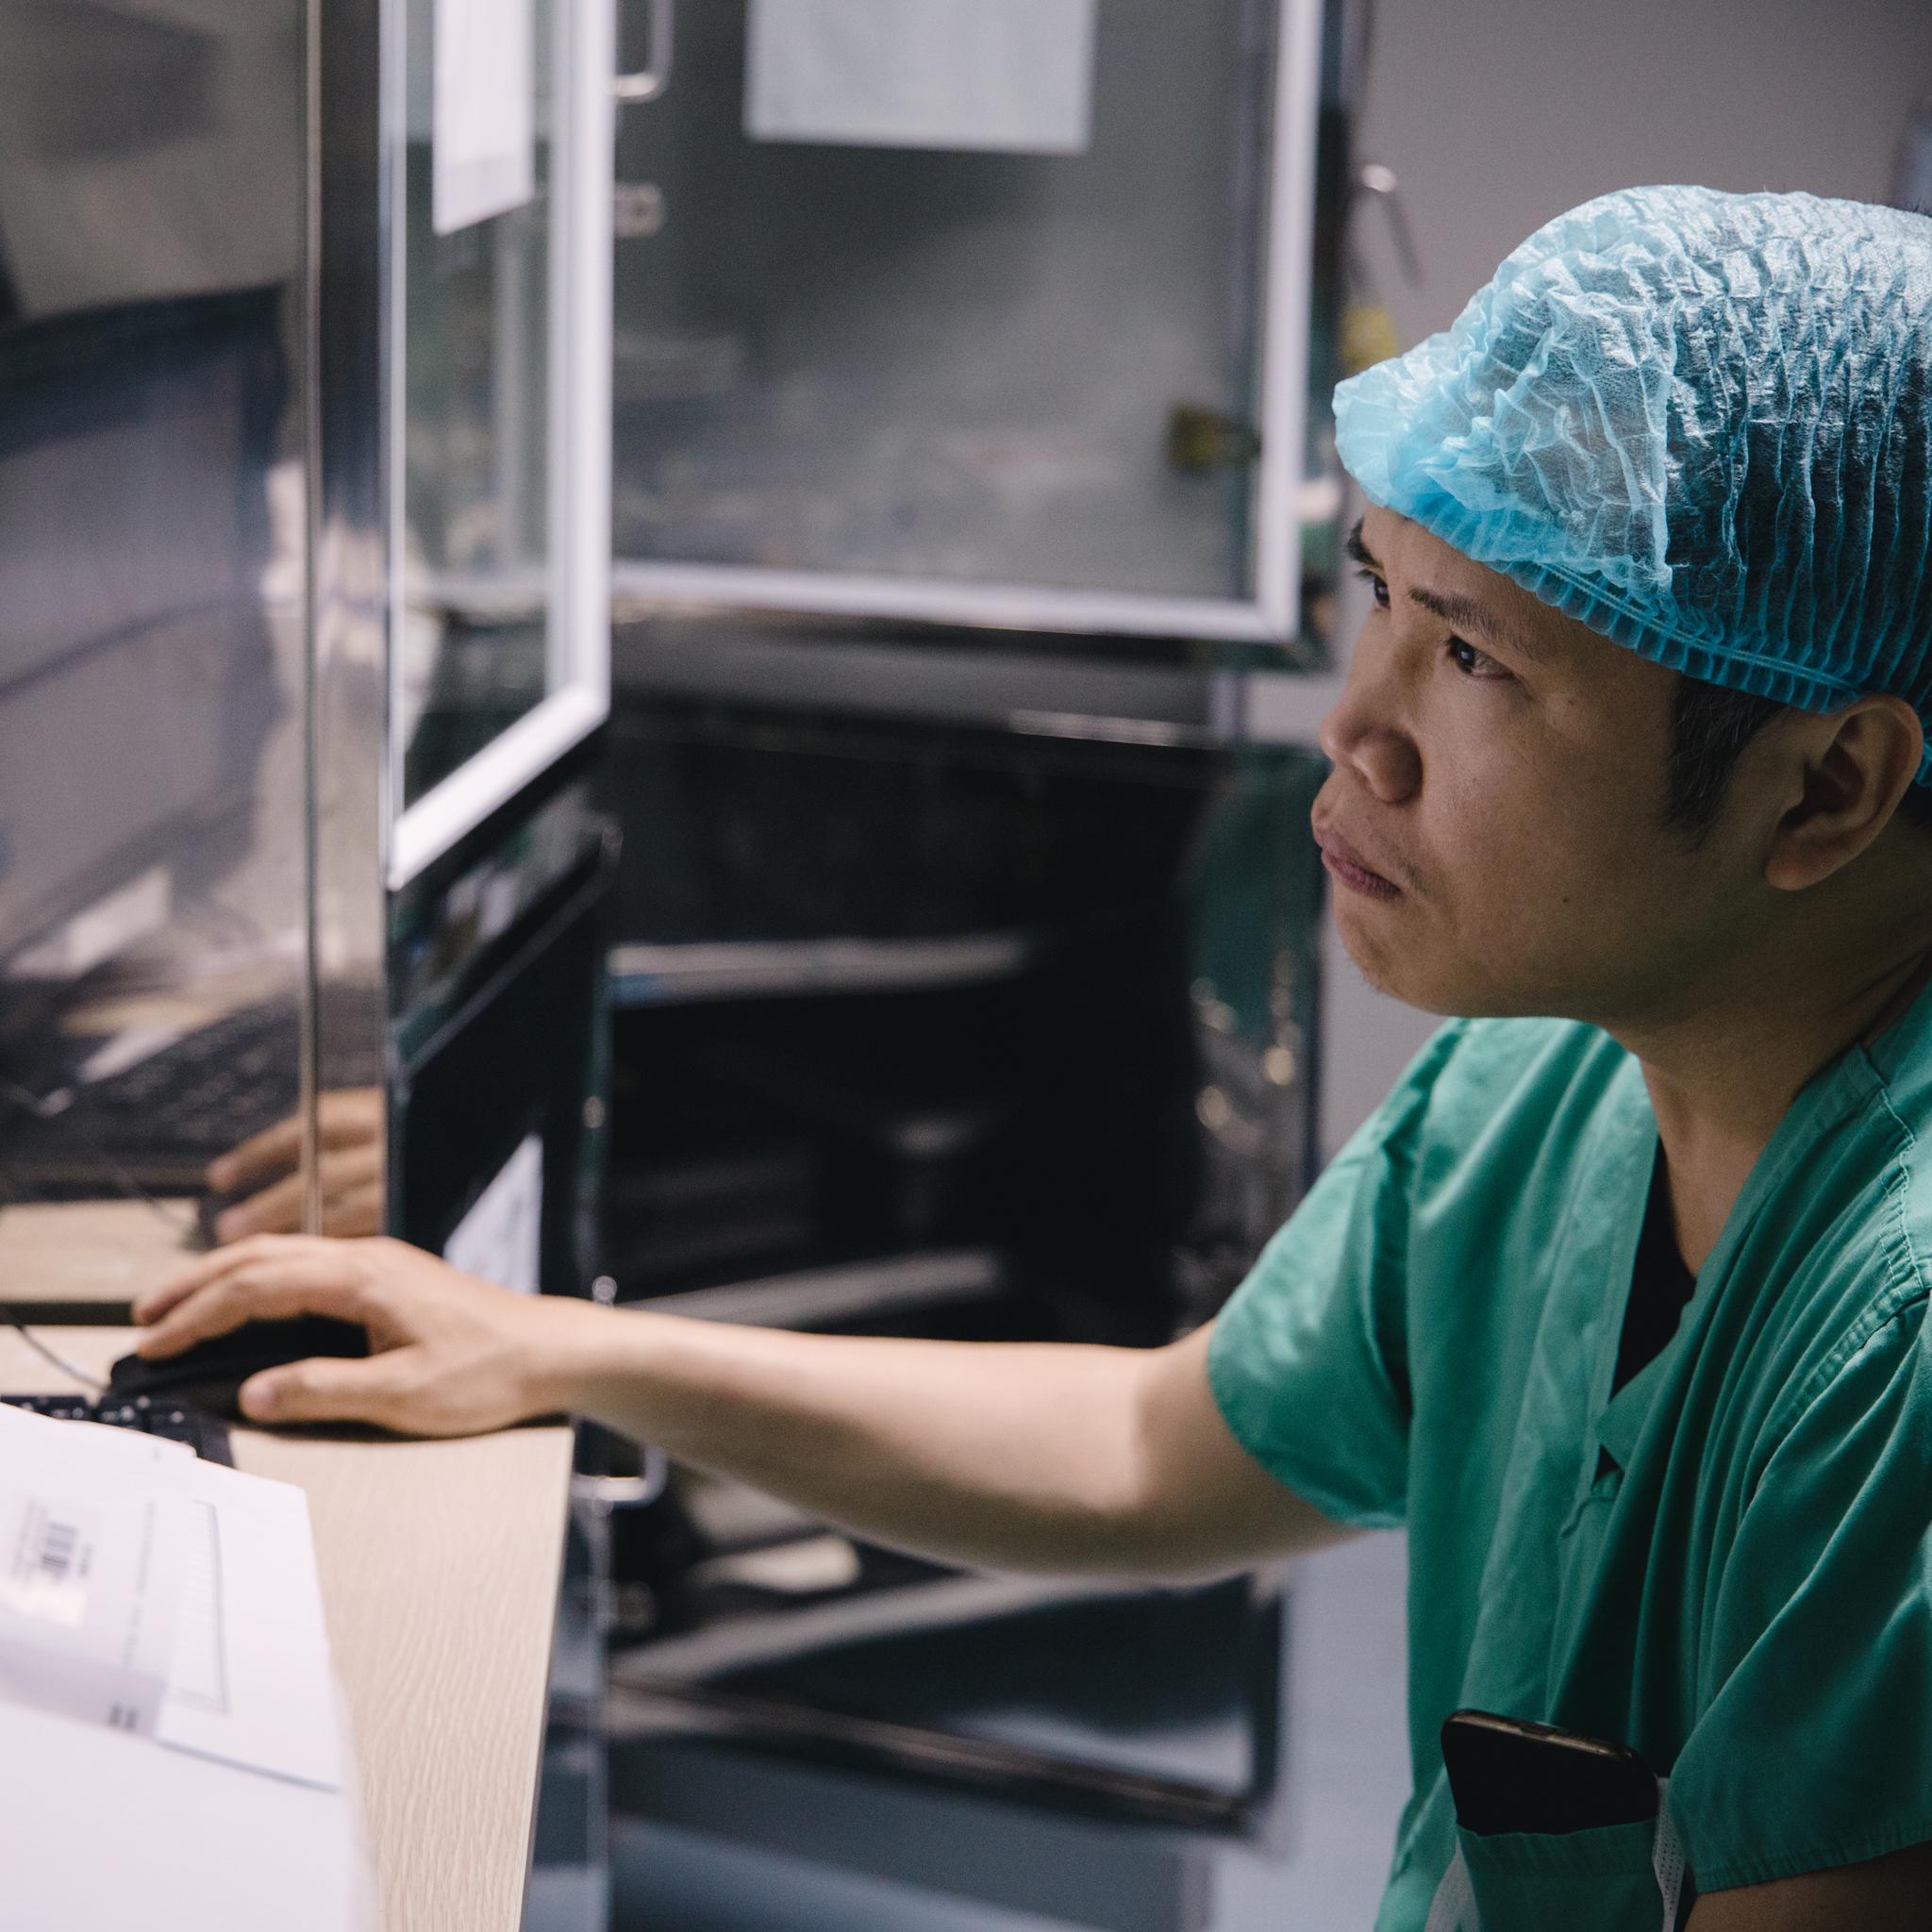 Chân dungTiến sỹ - Bác sỹ Nguyễn Lý Thịnh Trường, Giám đốc Trung tâm Tim mạch trẻ em, Bệnh viện Nhi Trung ương. (Ảnh: Minh Sơn/Vietnam+)